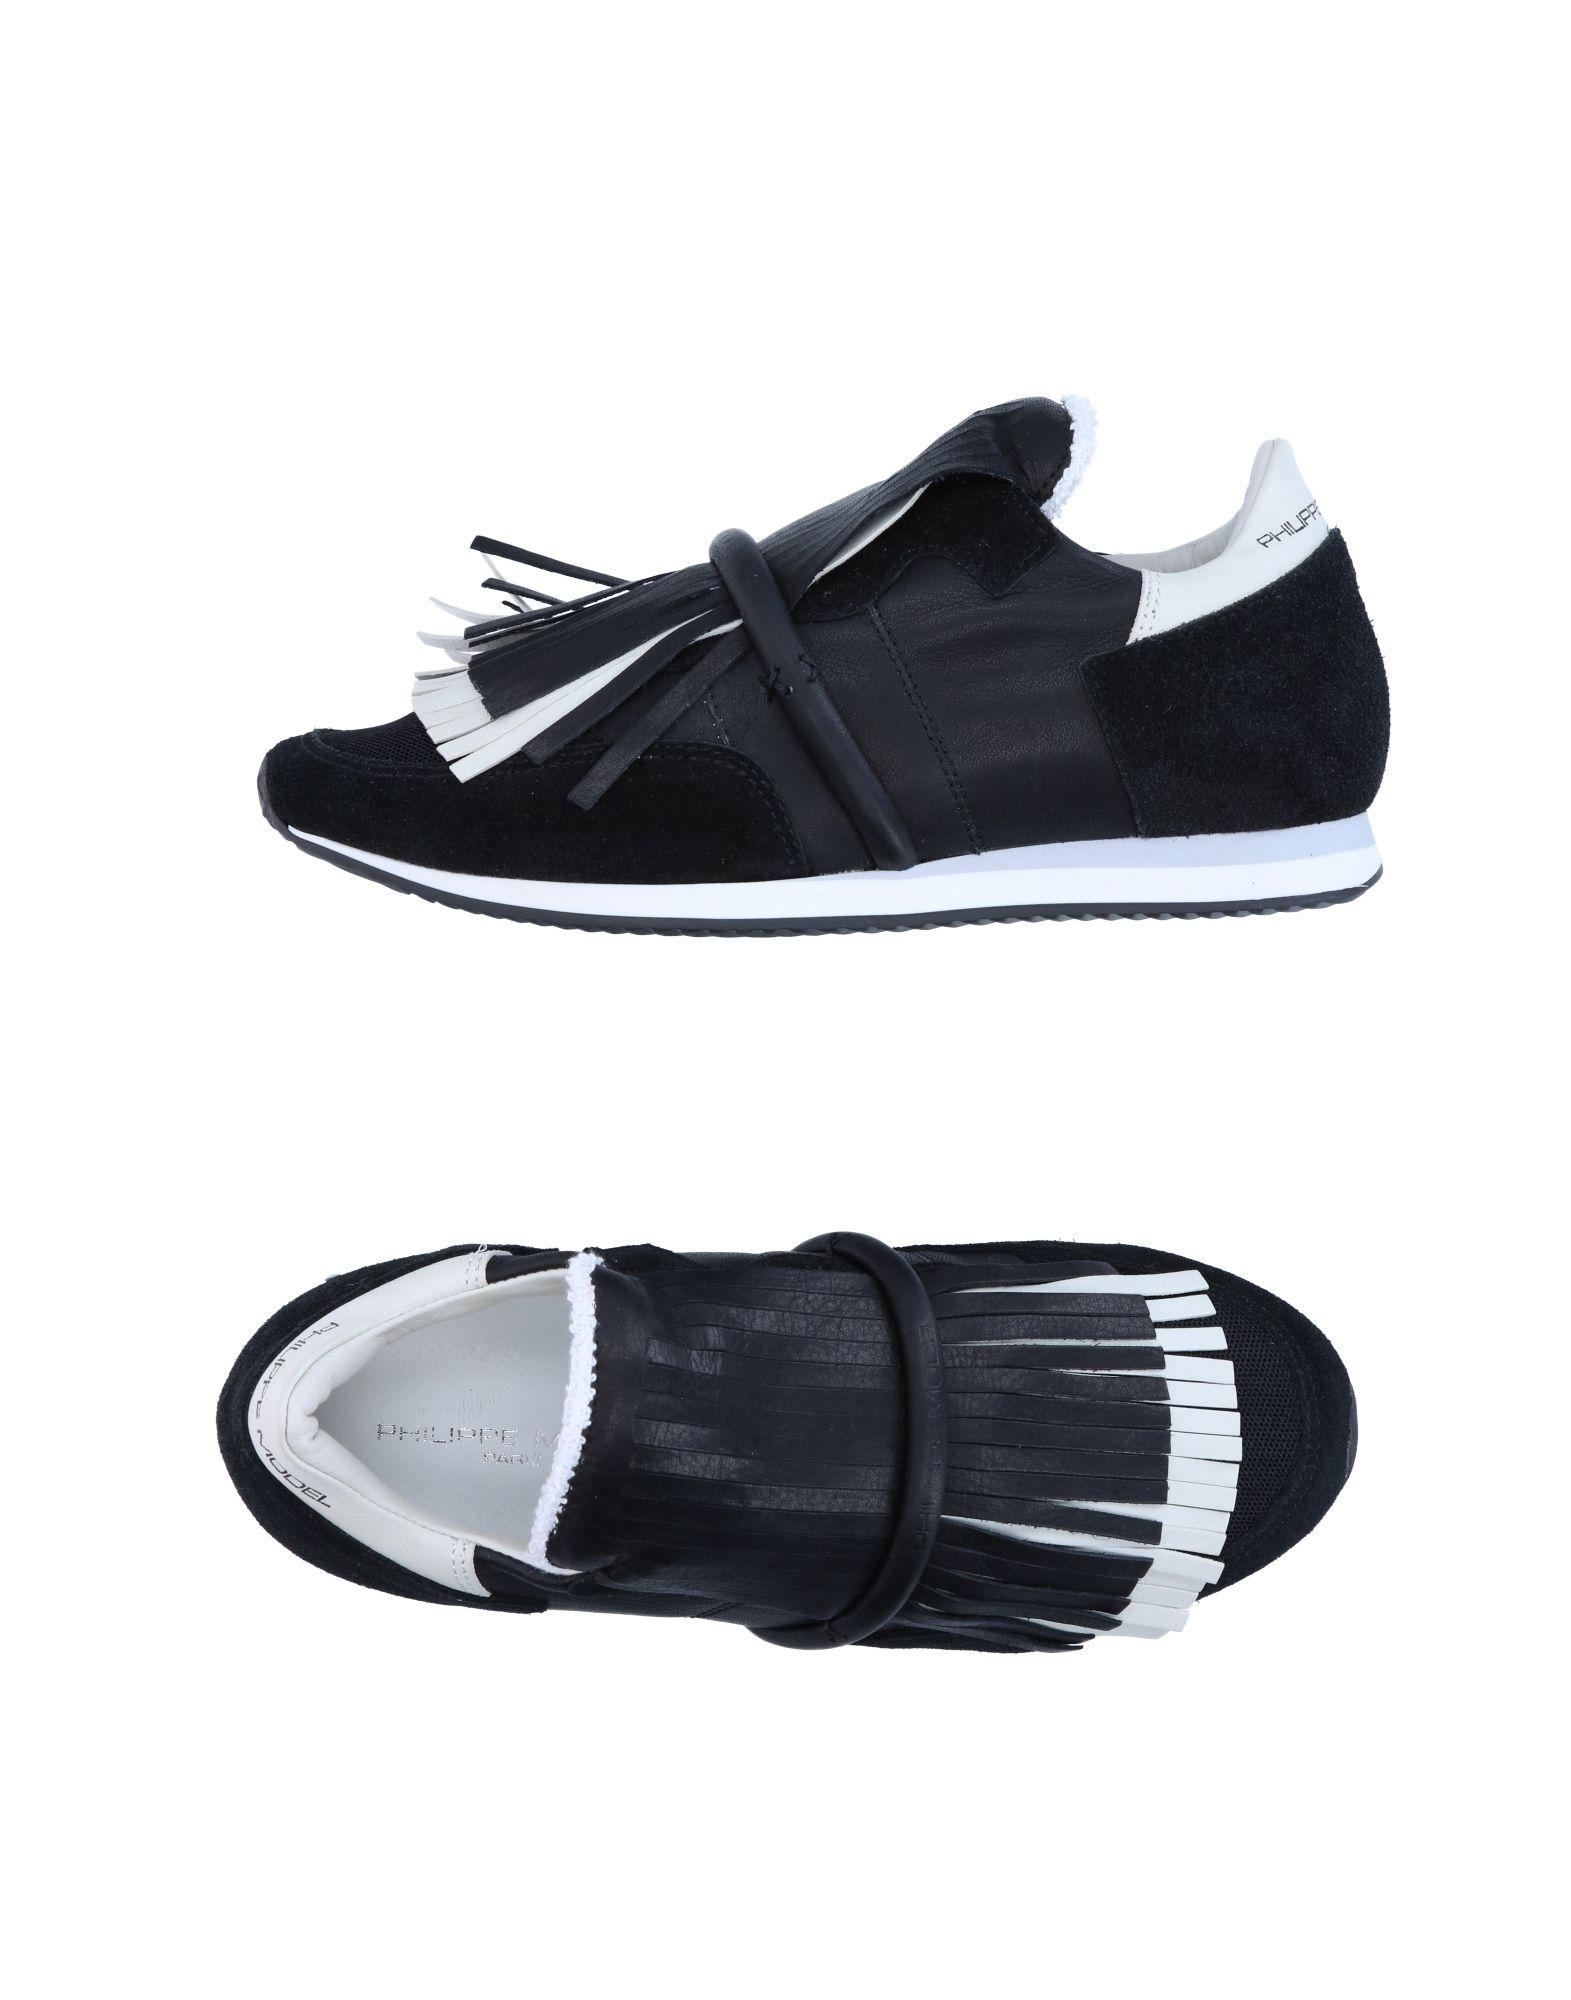 Recortes de precios estacionales, beneficios de descuento Philippe Zapatillas Philippe descuento Model Mujer - Zapatillas Philippe Model  Negro abe202